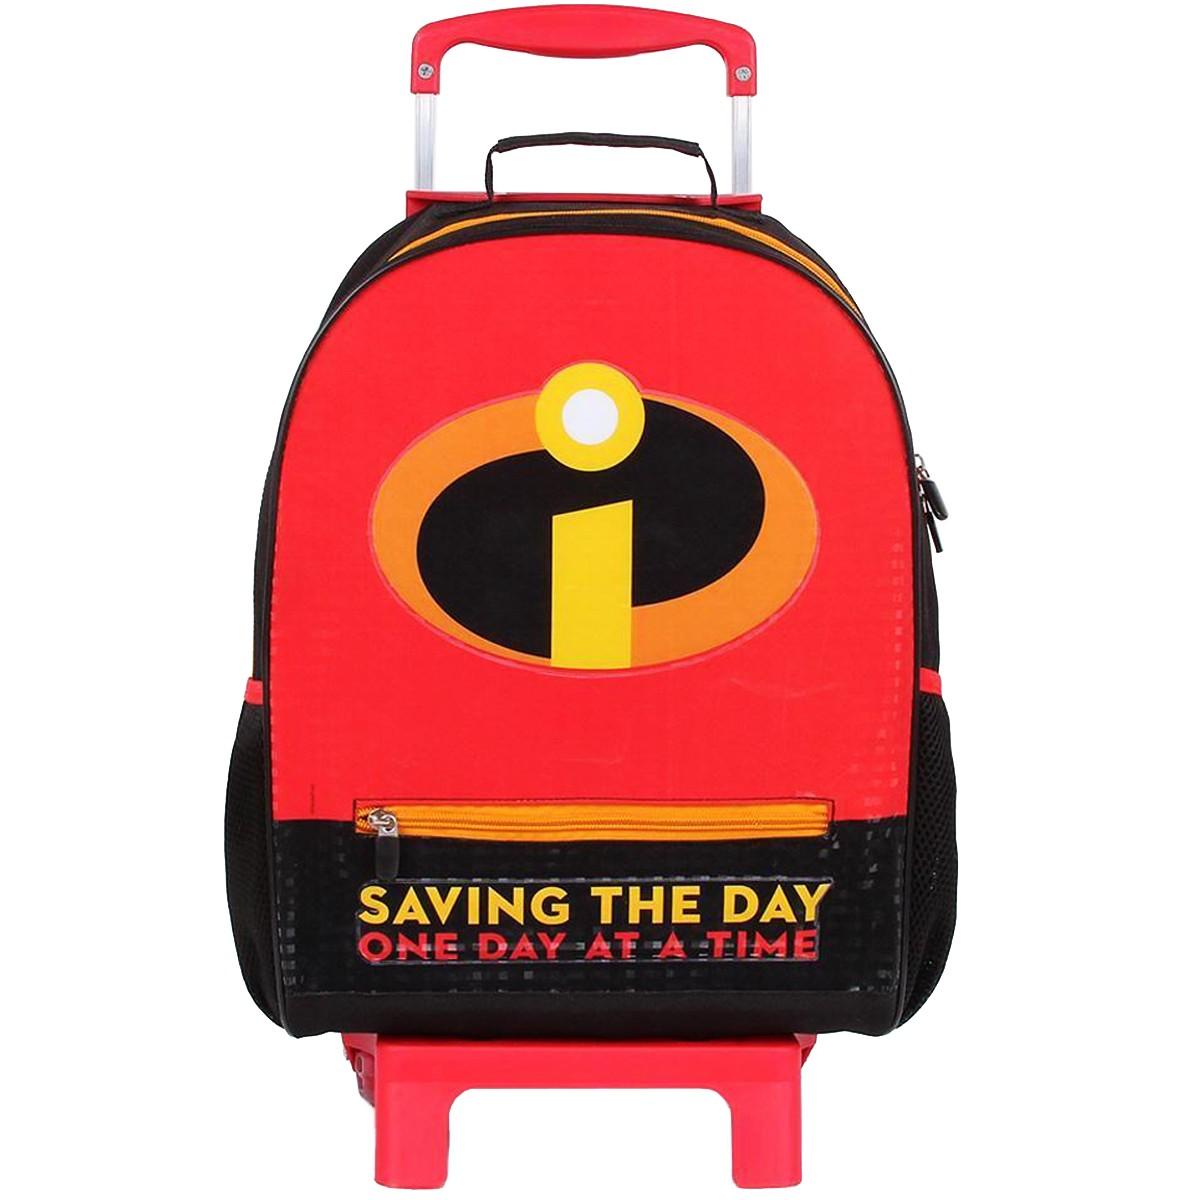 Mochila de Rodinhas Disney Pixar Os Incríveis Saving the Day | Cor: Preto